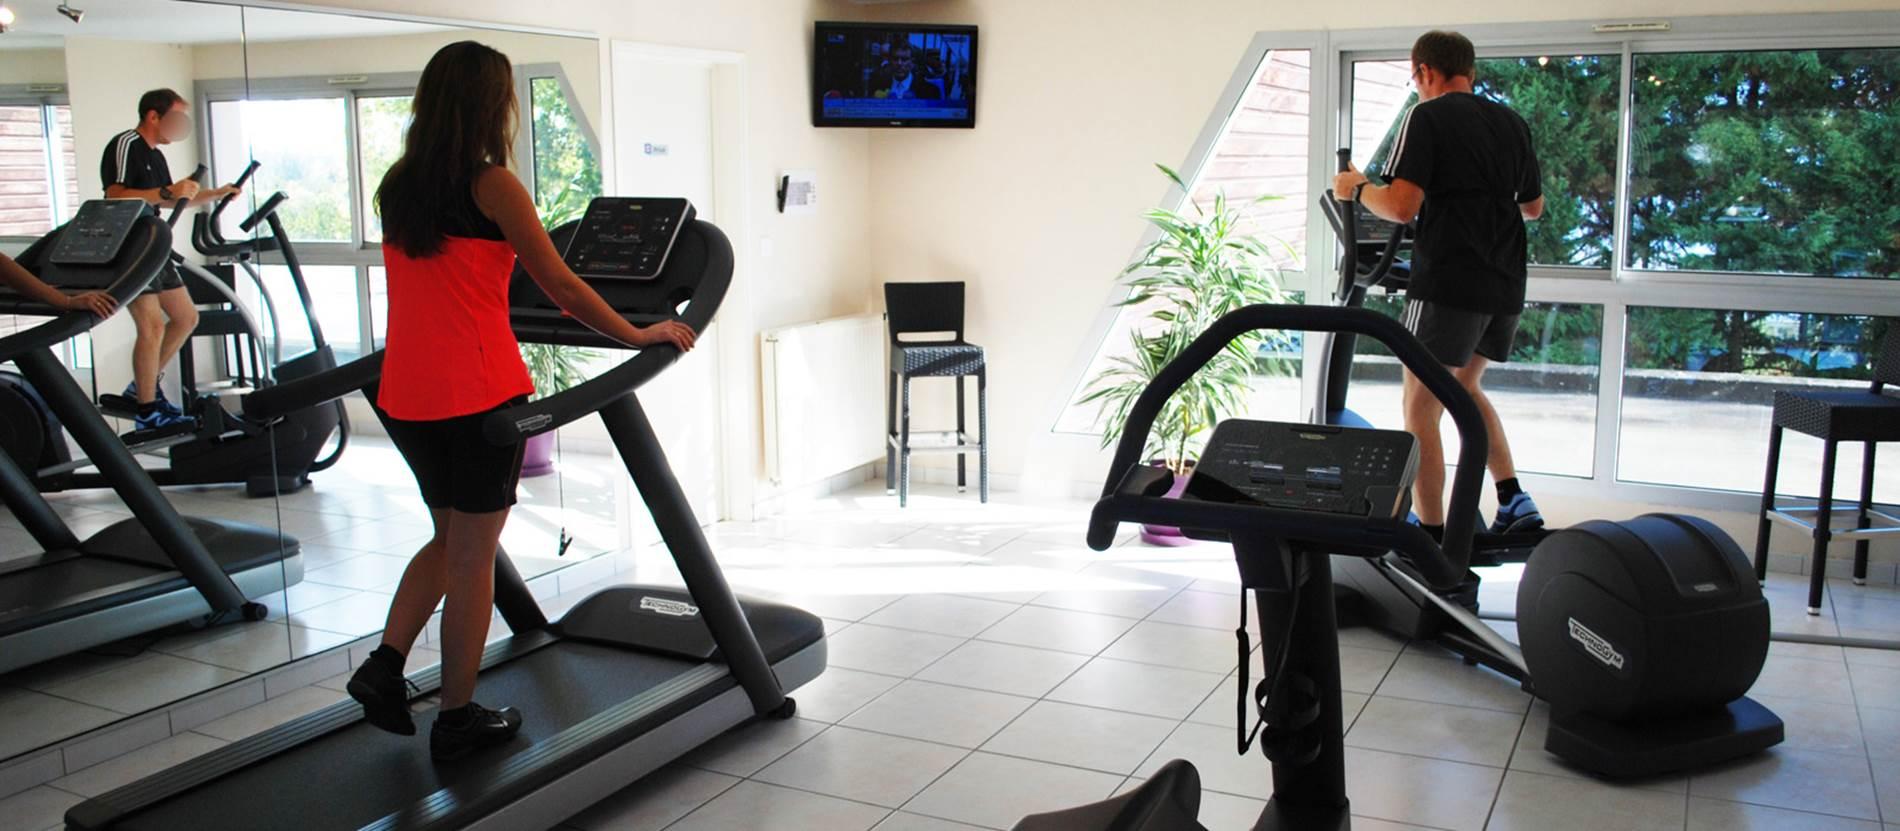 Salle de fitness - accès gratuit © Hotel-Restaurant-Mercure-Le-Port-Vannes